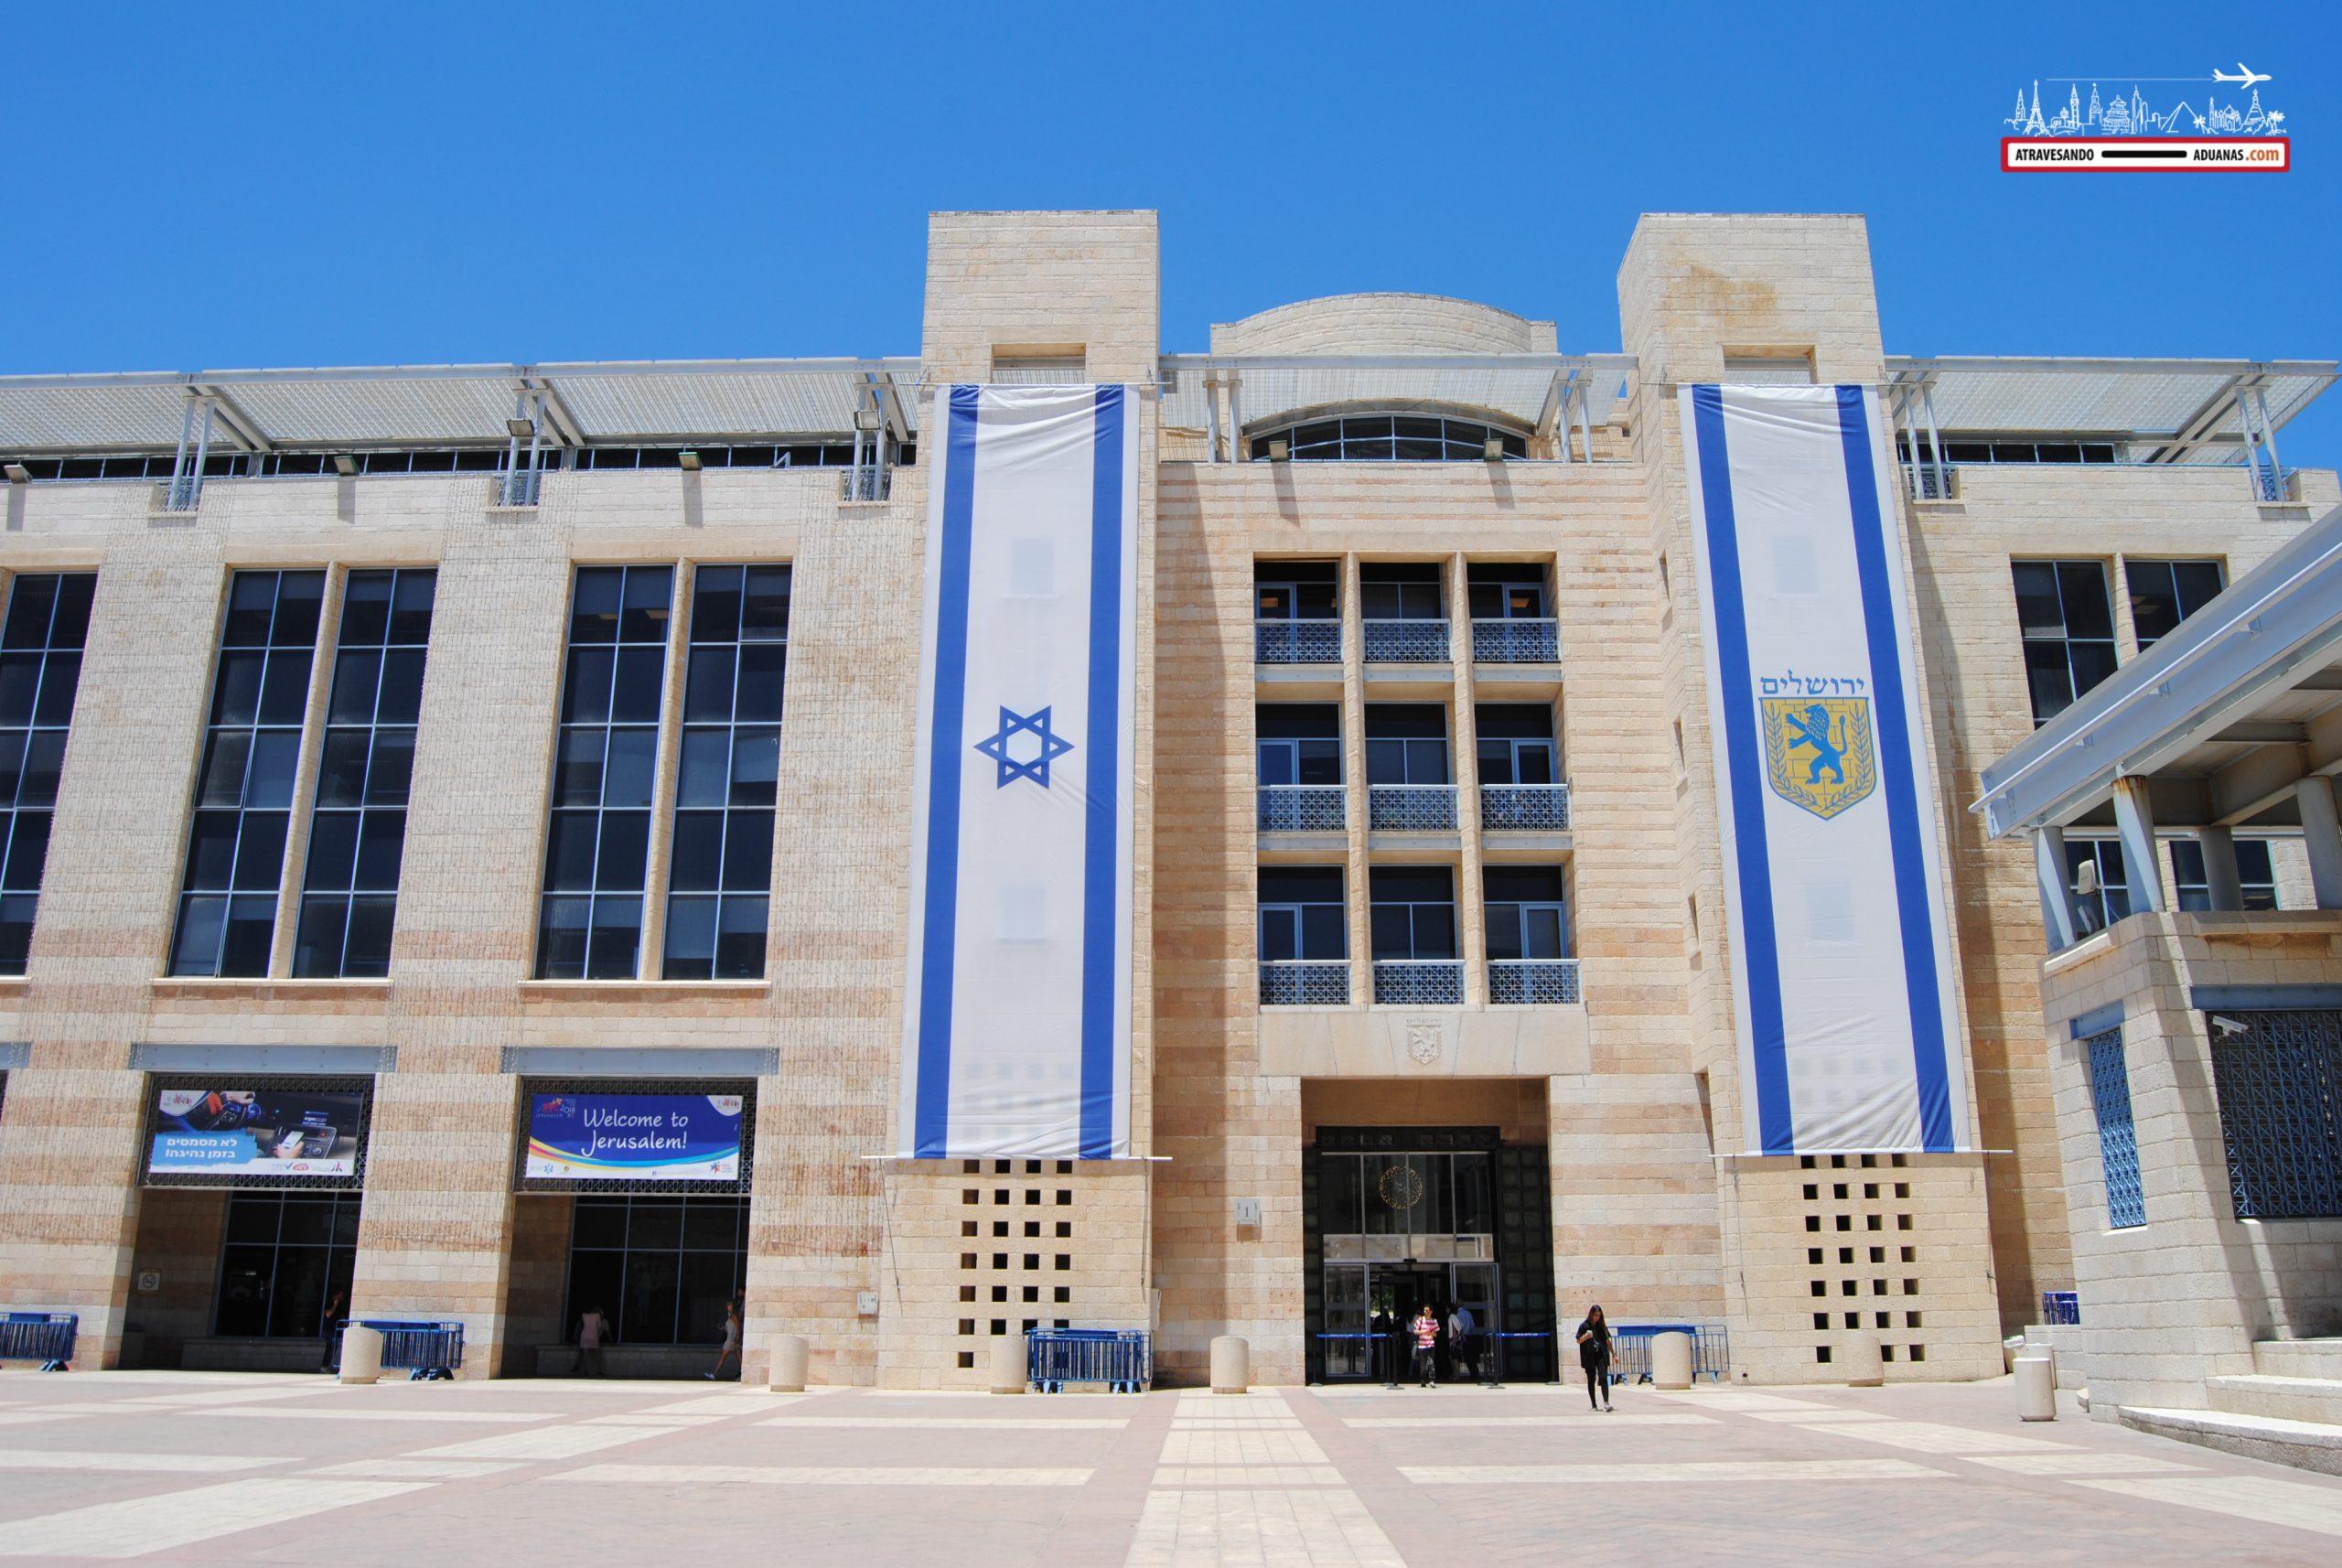 Edificio de la Universidad de Jerusalén en Israel